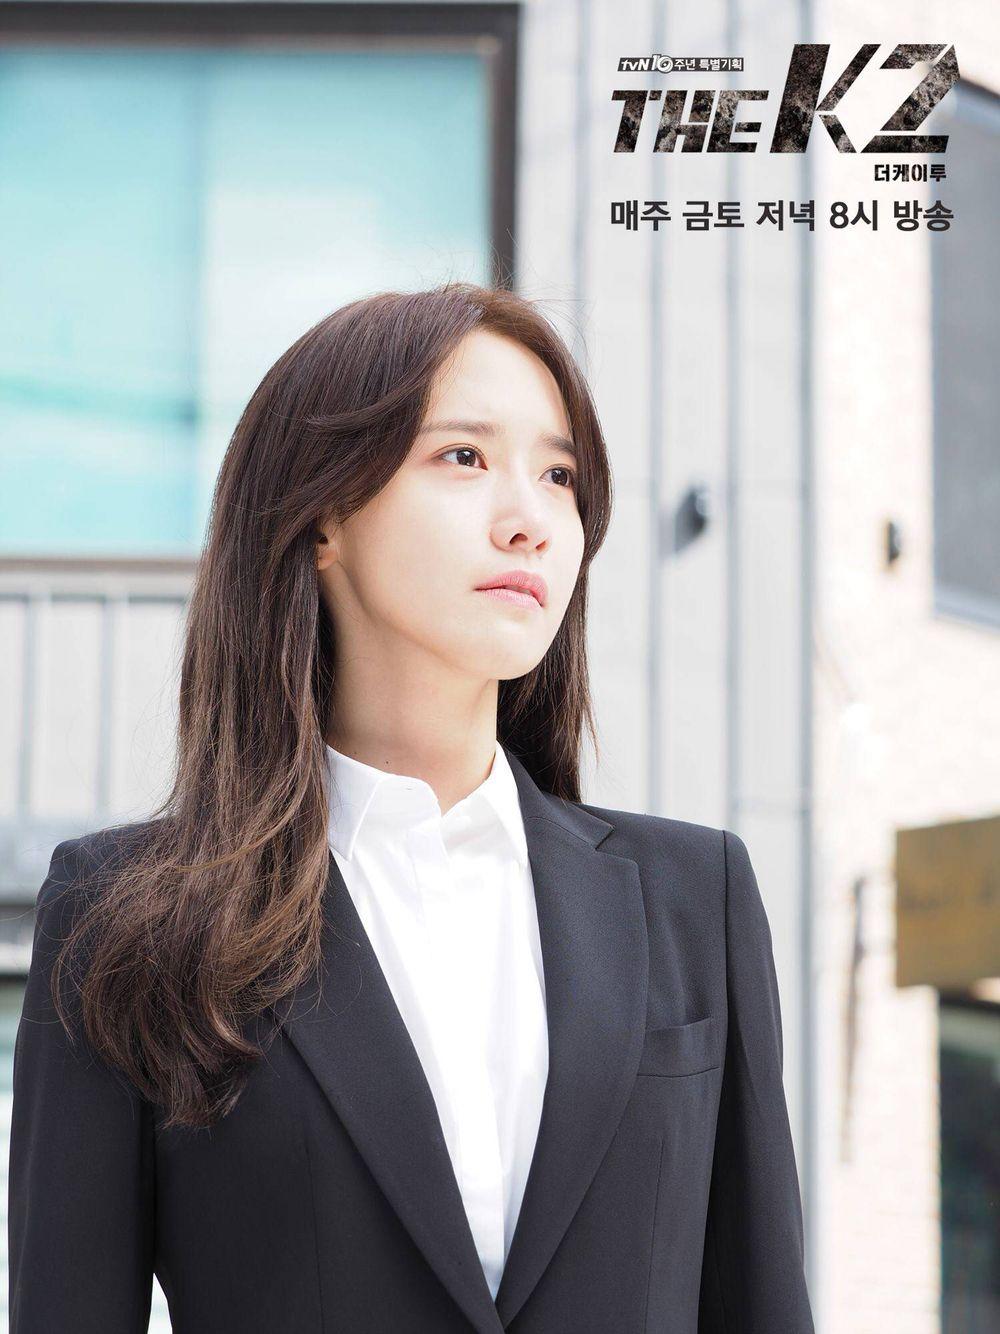 161008 TvN The K2 OFFICIAL Update SNSD Yoona Drama 2016Yoona SnsdK2Korean DramasGirls GenerationKpop GirlsCoupleHairJi Chang Wook